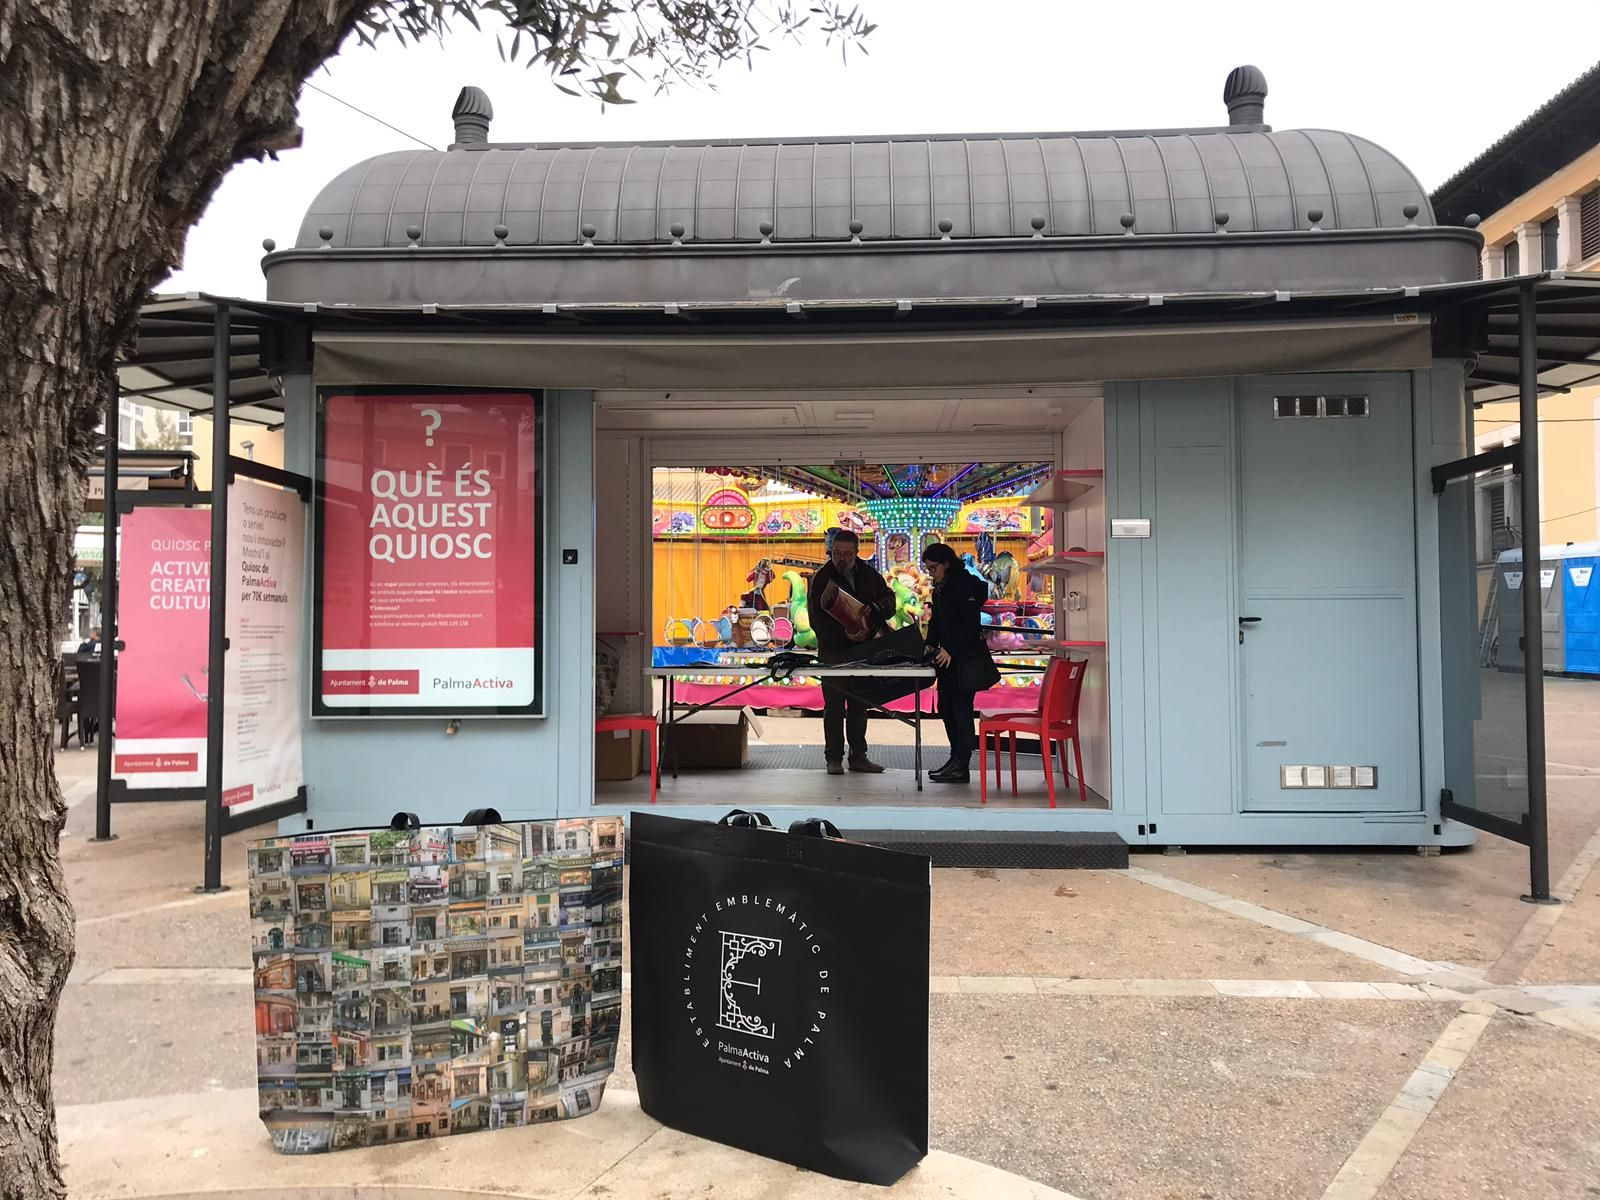 Bosses de compra de PalmaActiva per donar suport al petit comerç